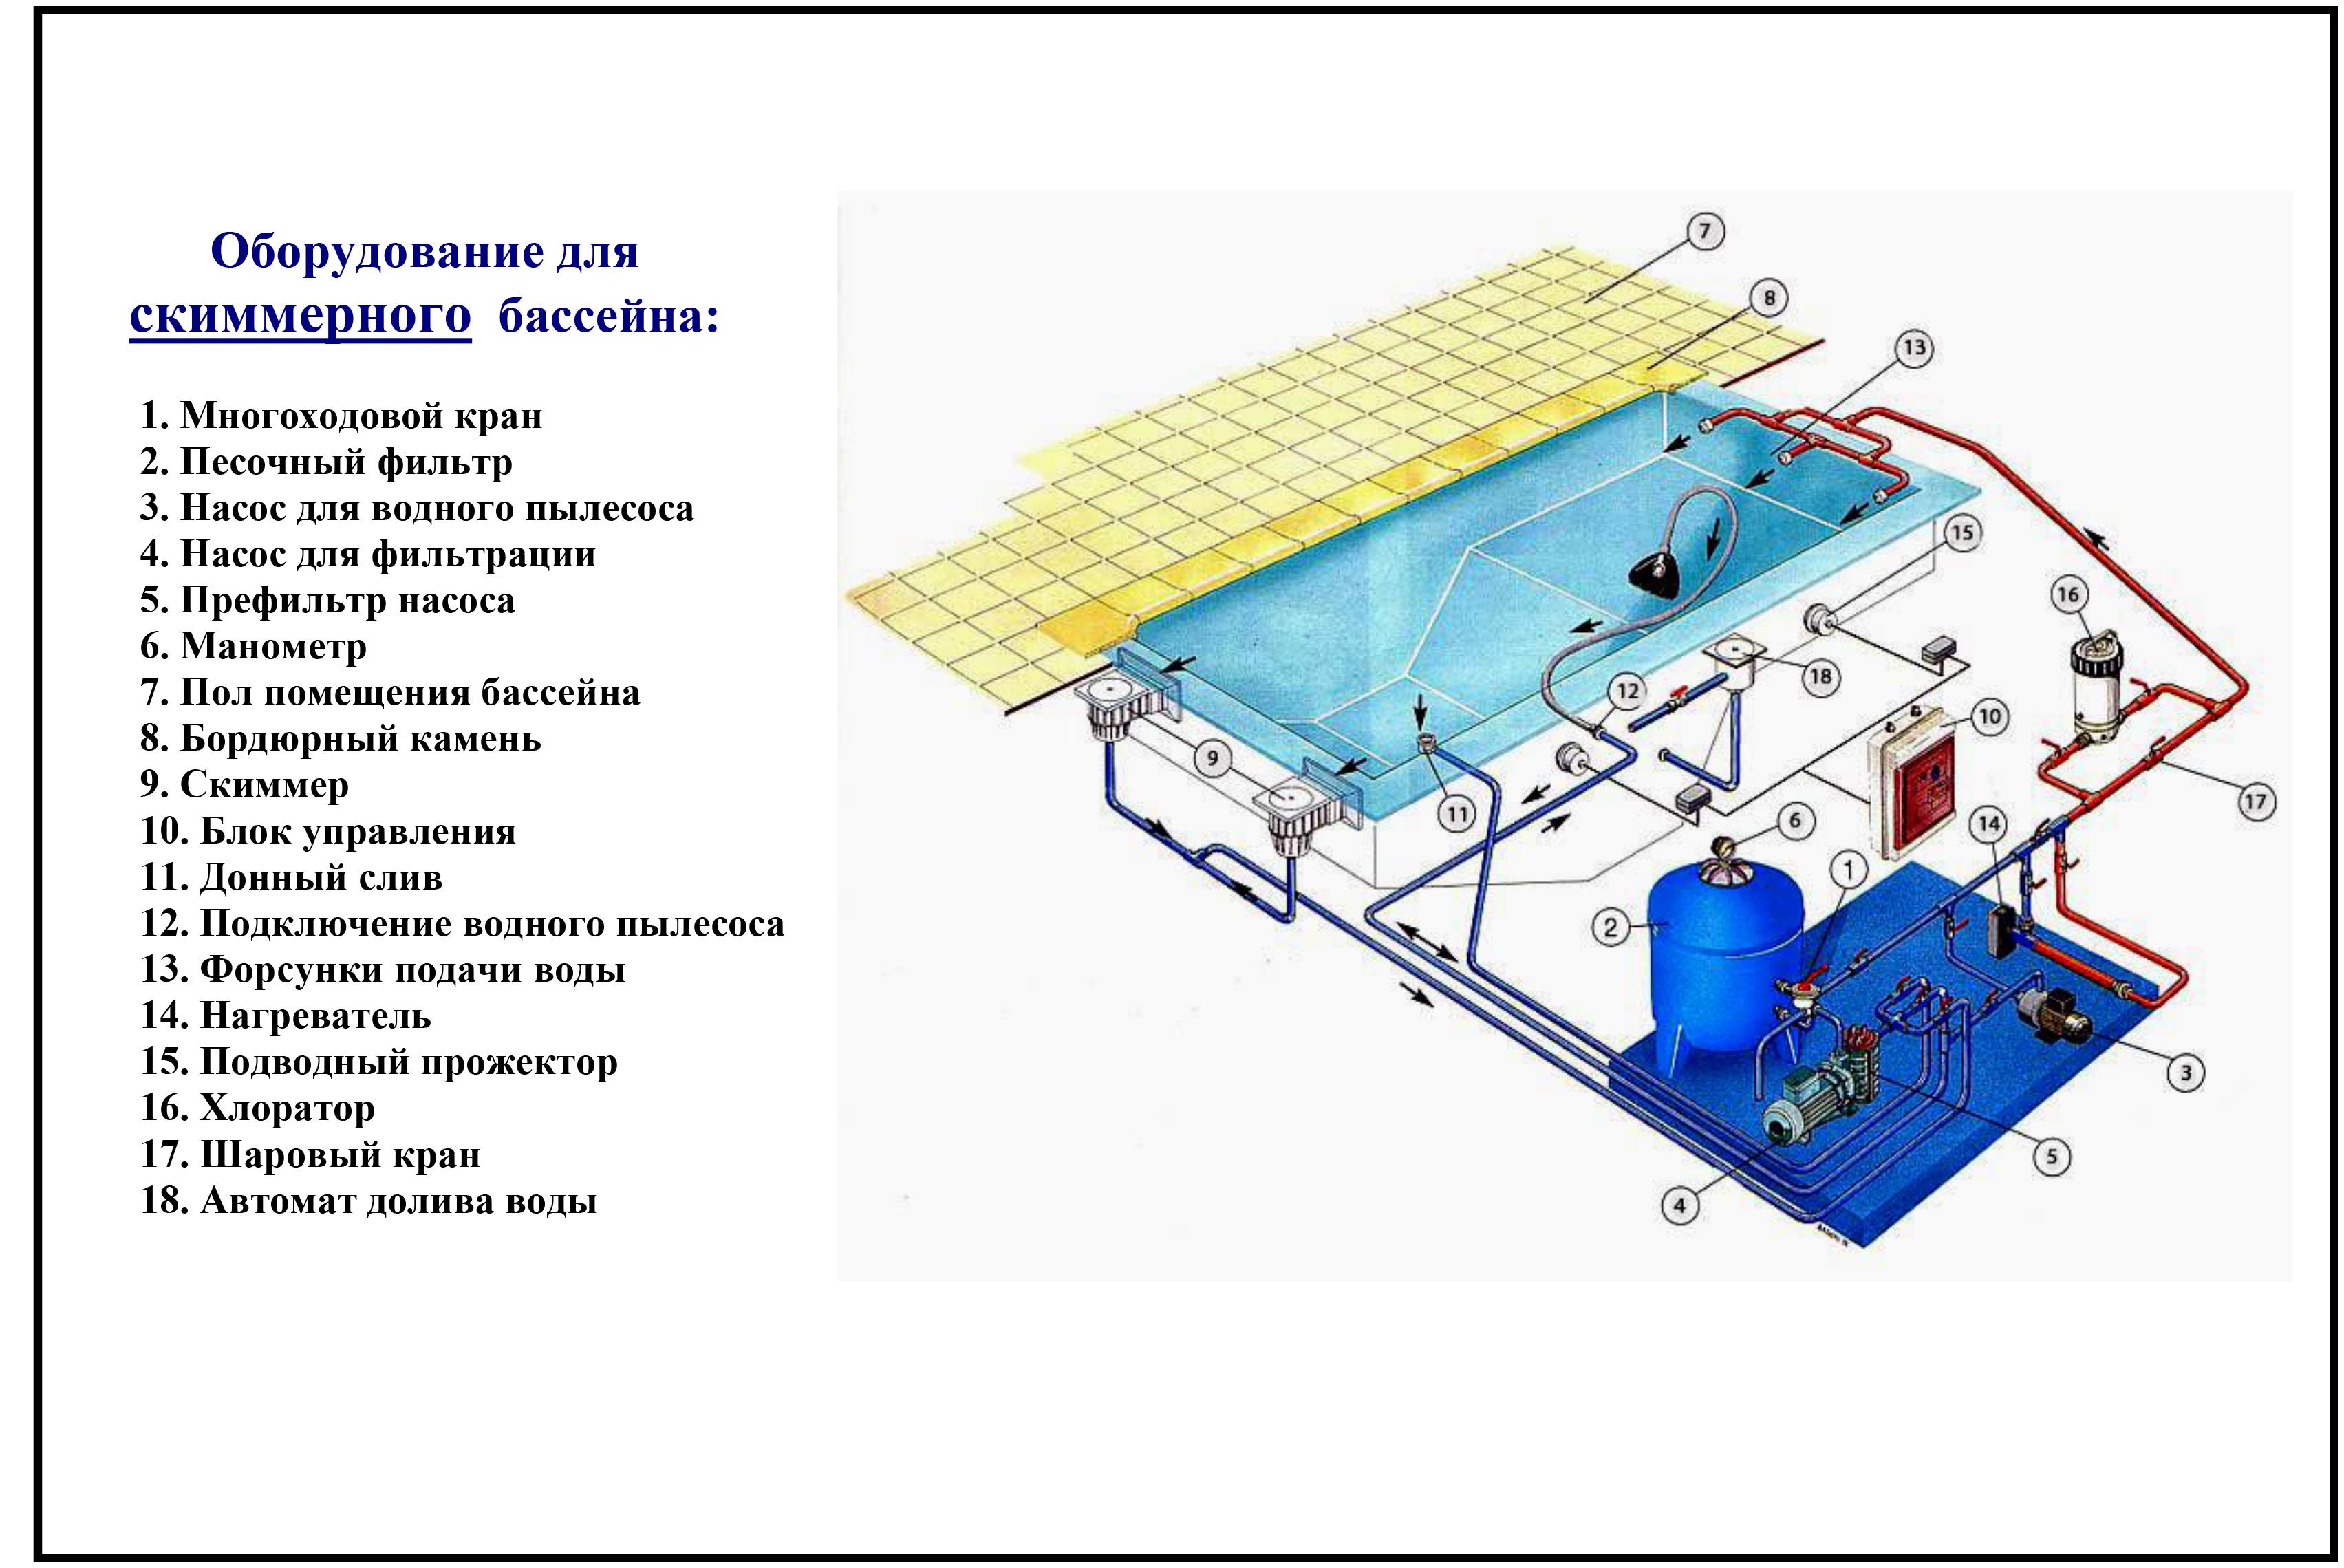 Очистка воды в бассейне: хлорирование, озонирование, ионизация и другие методы